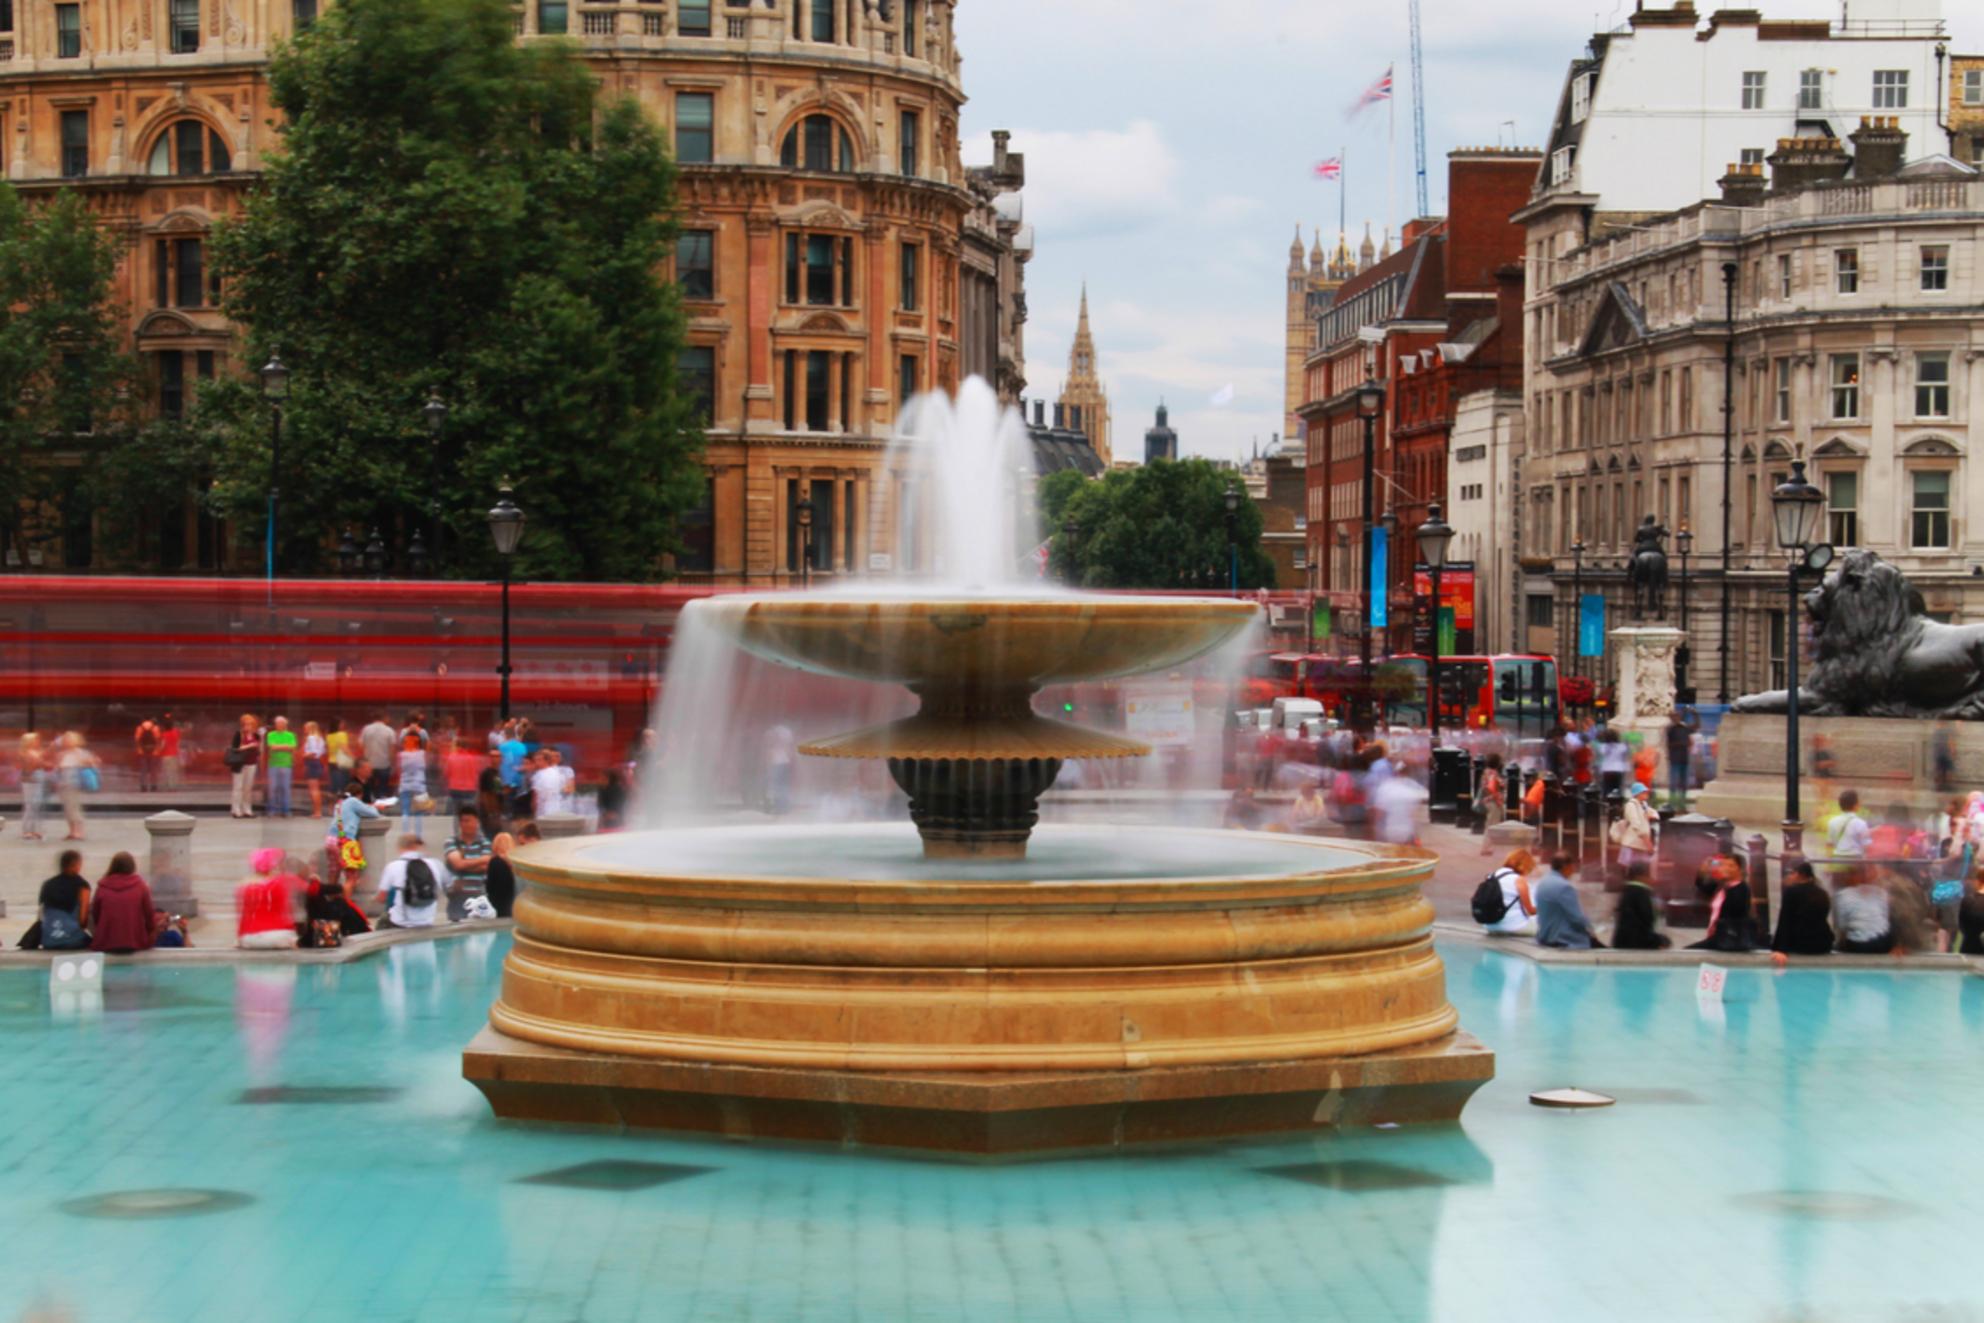 London - City that never sleeps! - London - City that never sleeps! - foto door SanderMonster-Photography op 10-10-2013 - deze foto bevat: londen, stad, city, sluitertijd, filter, architecture, uk, Never sleeps